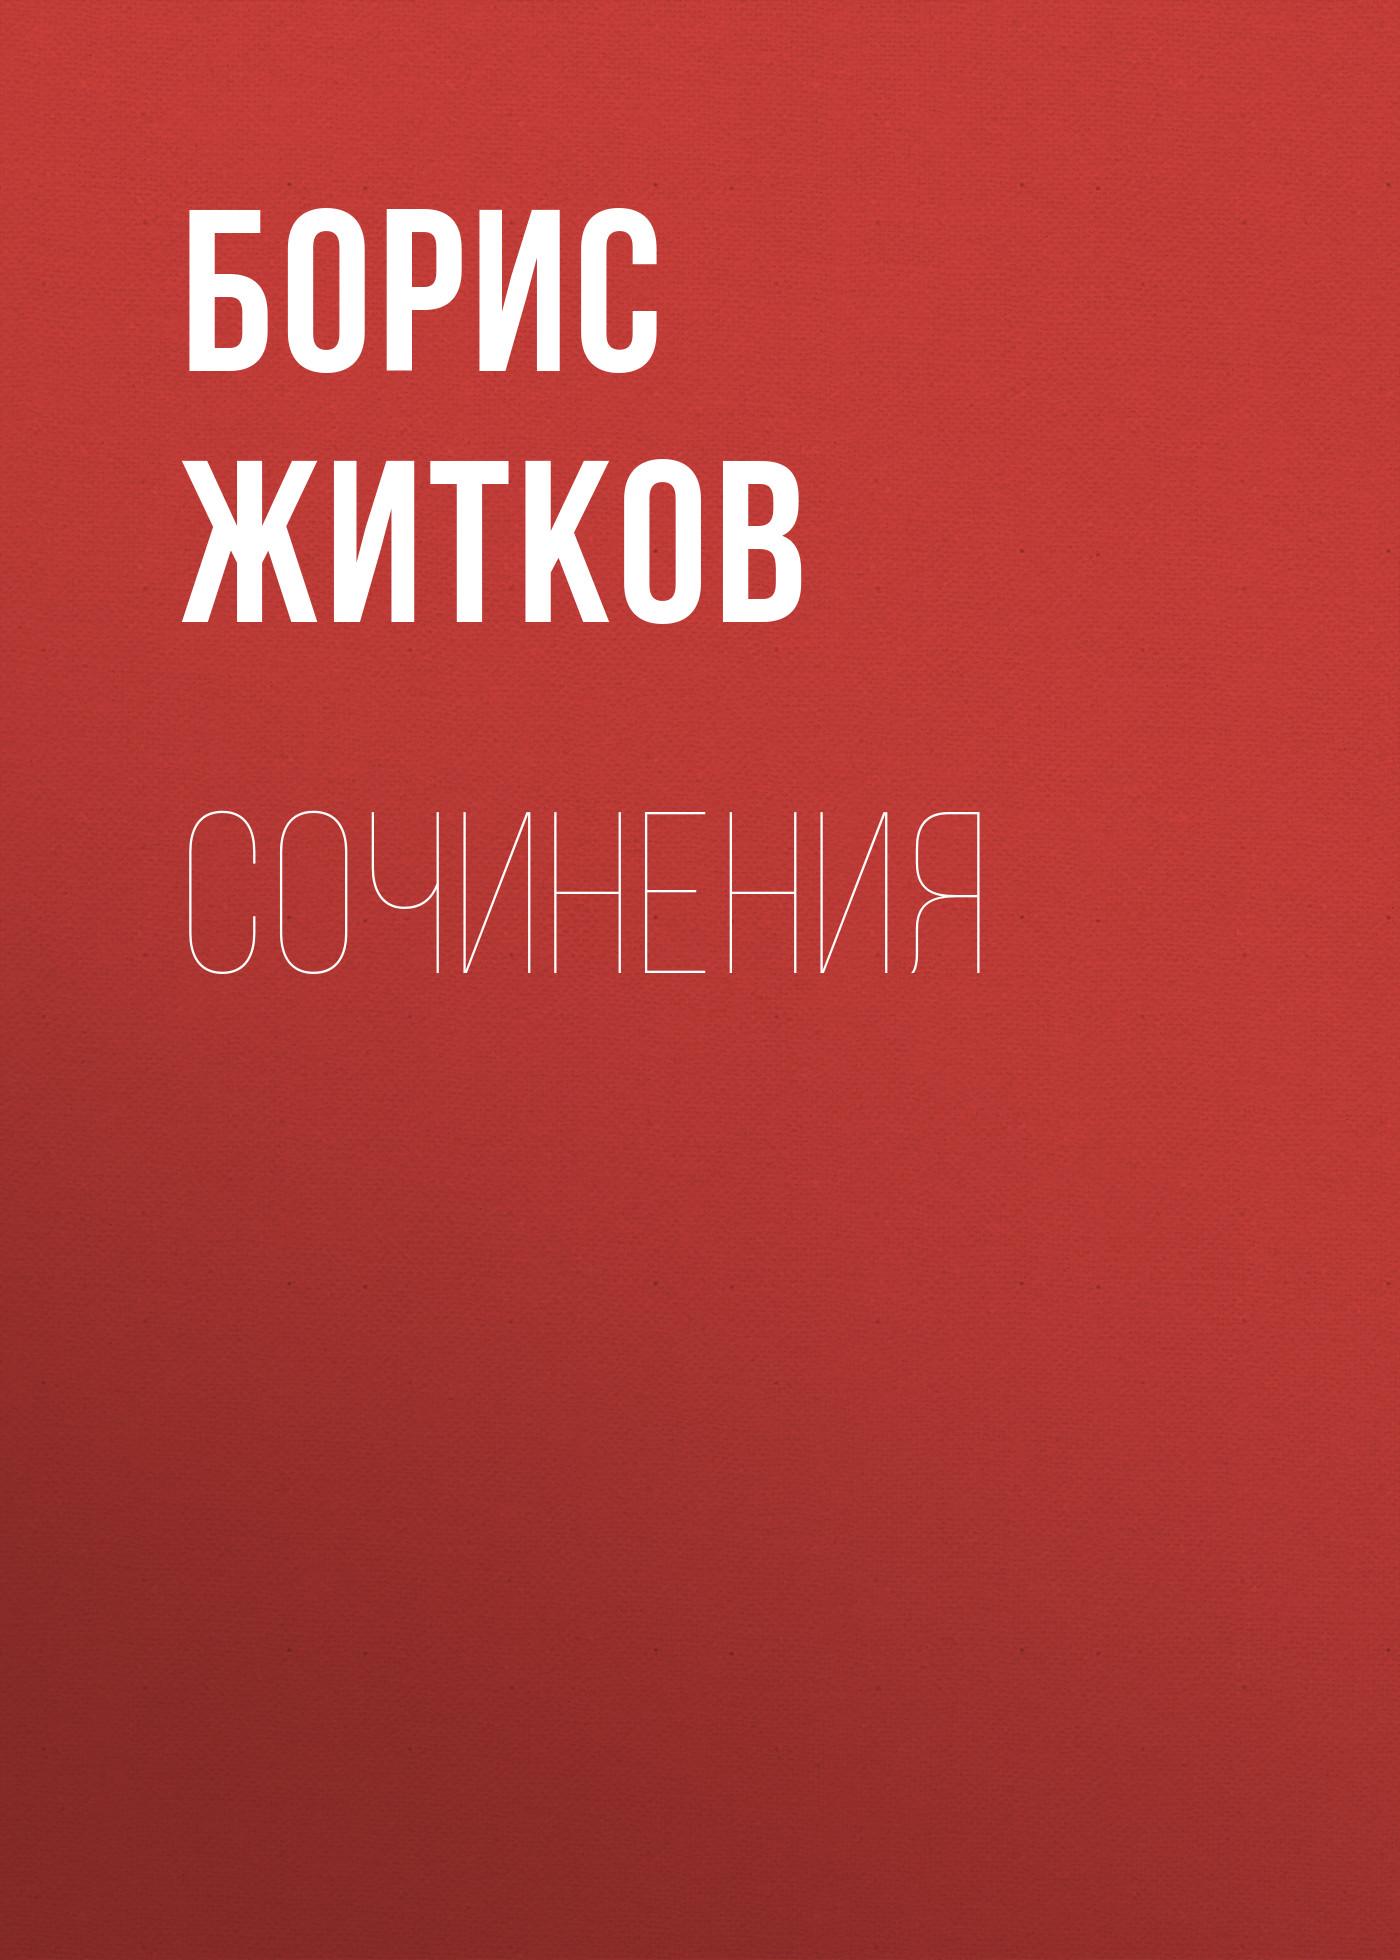 Фото - Борис Житков Сочинения борис житков морские истории